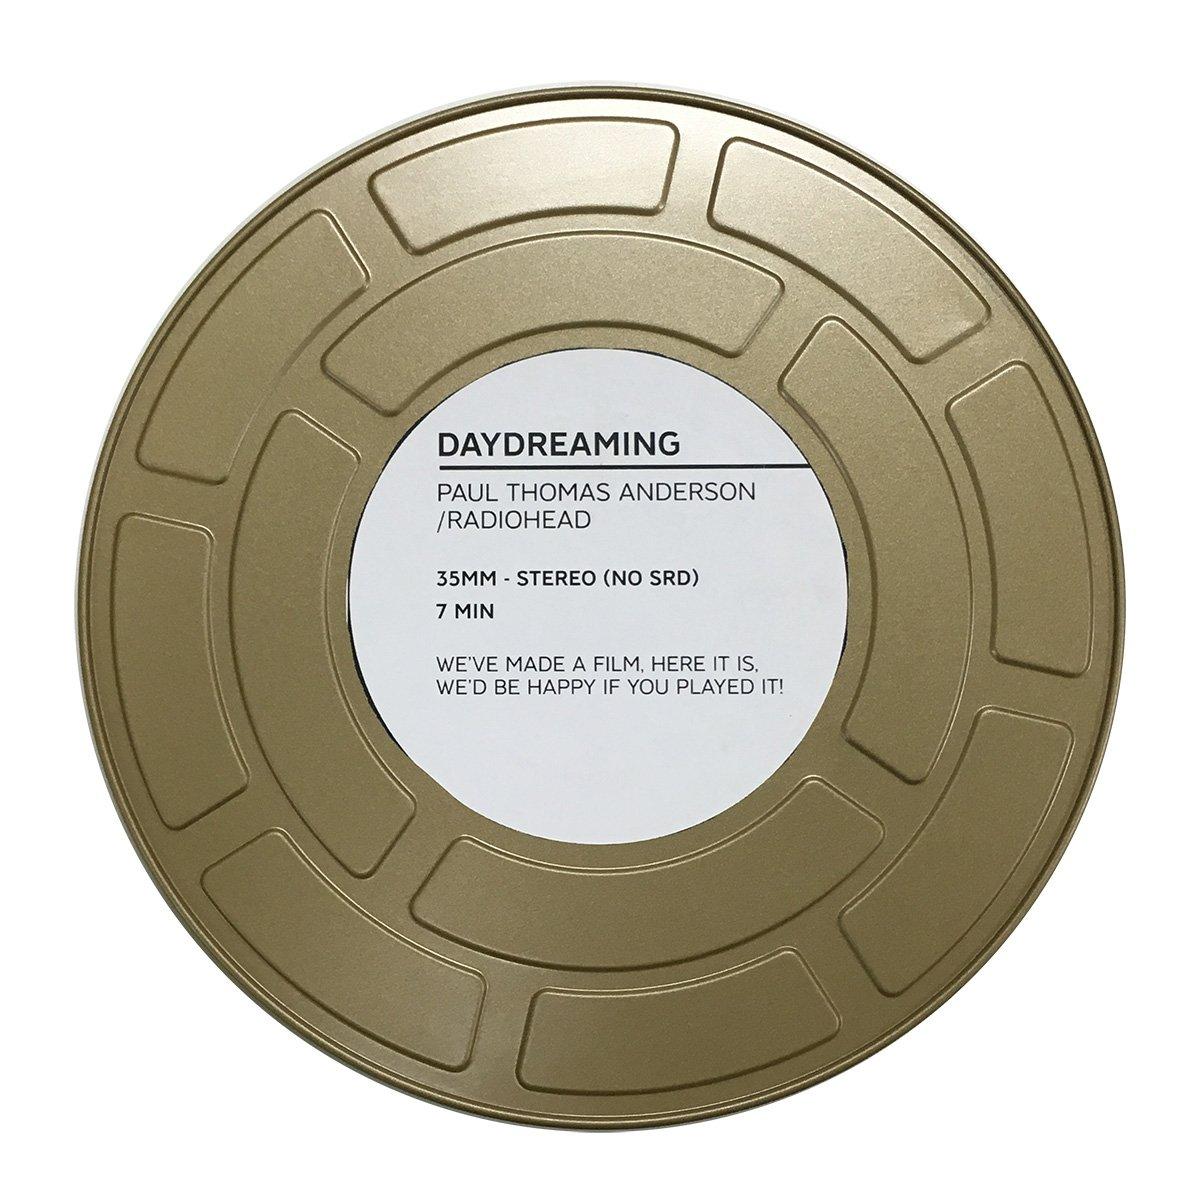 ビッグニュース!ポール・トーマス・アンダーソン監督からRadioheadのMV「Daydreaming」の35mmフィルムが届きました! Thank you #PaulThomasAnderson & #Radiohead! https://t.co/3SwyLLPROv